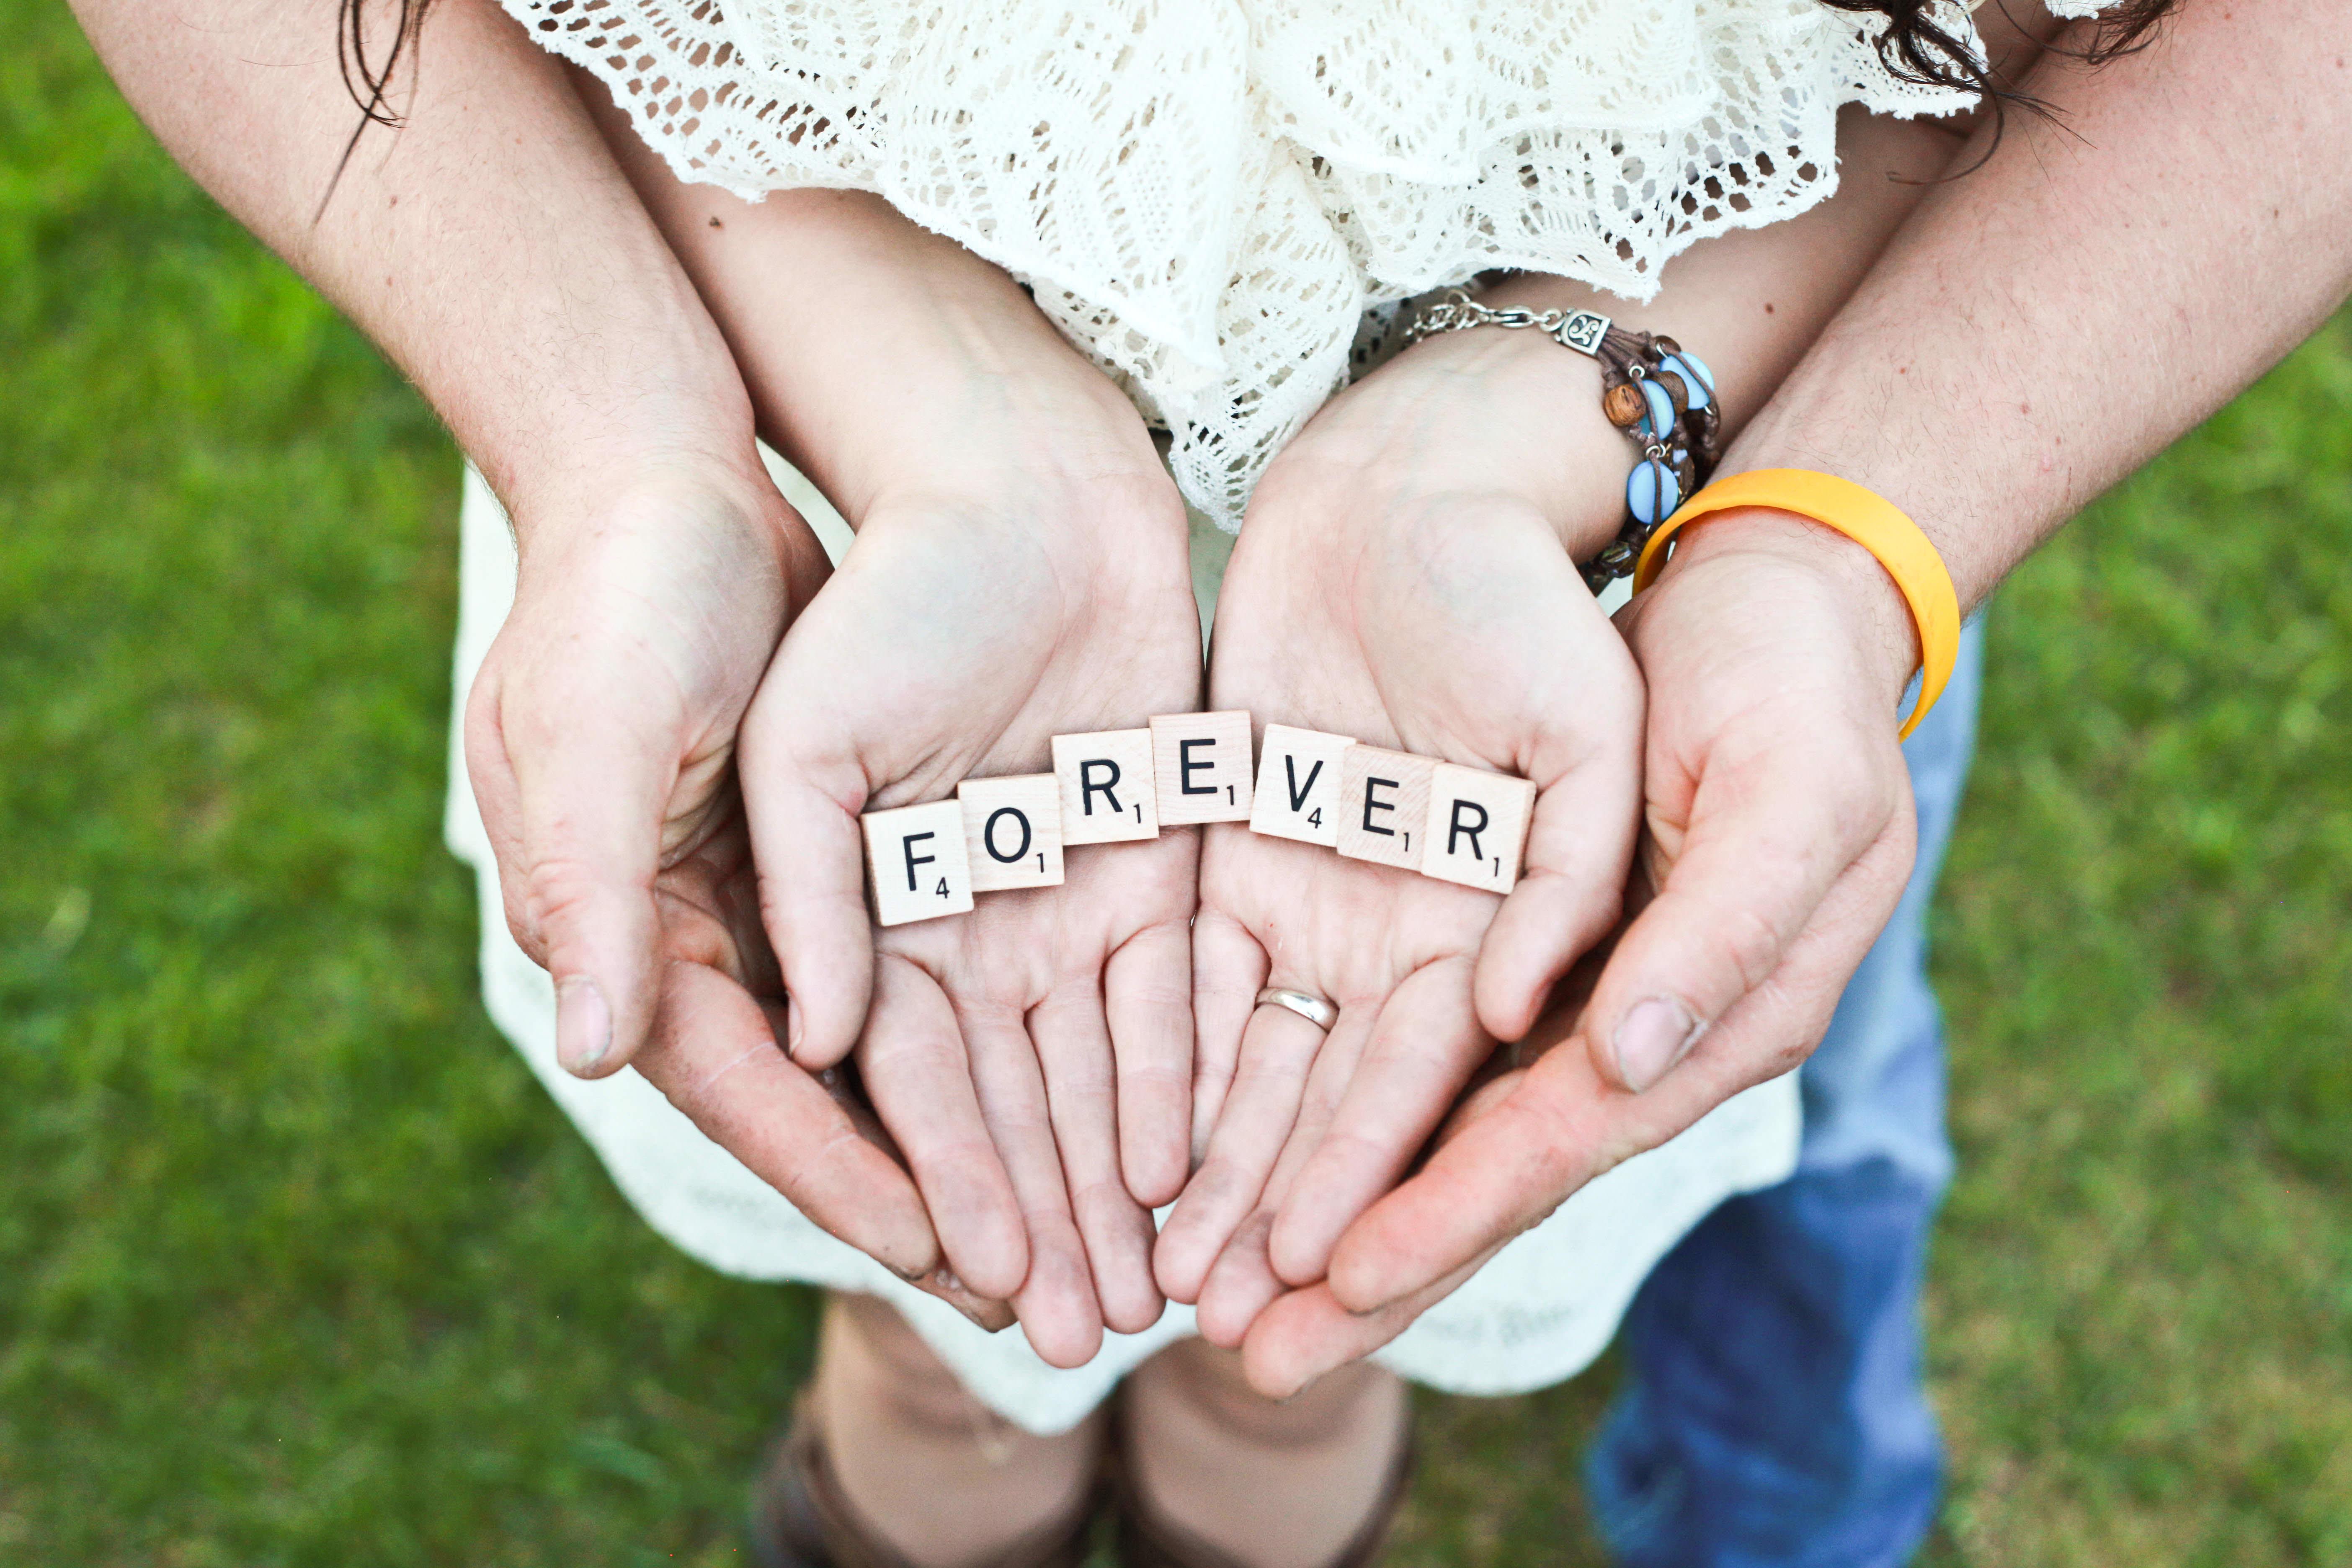 Пожелания, картинки романтика руки